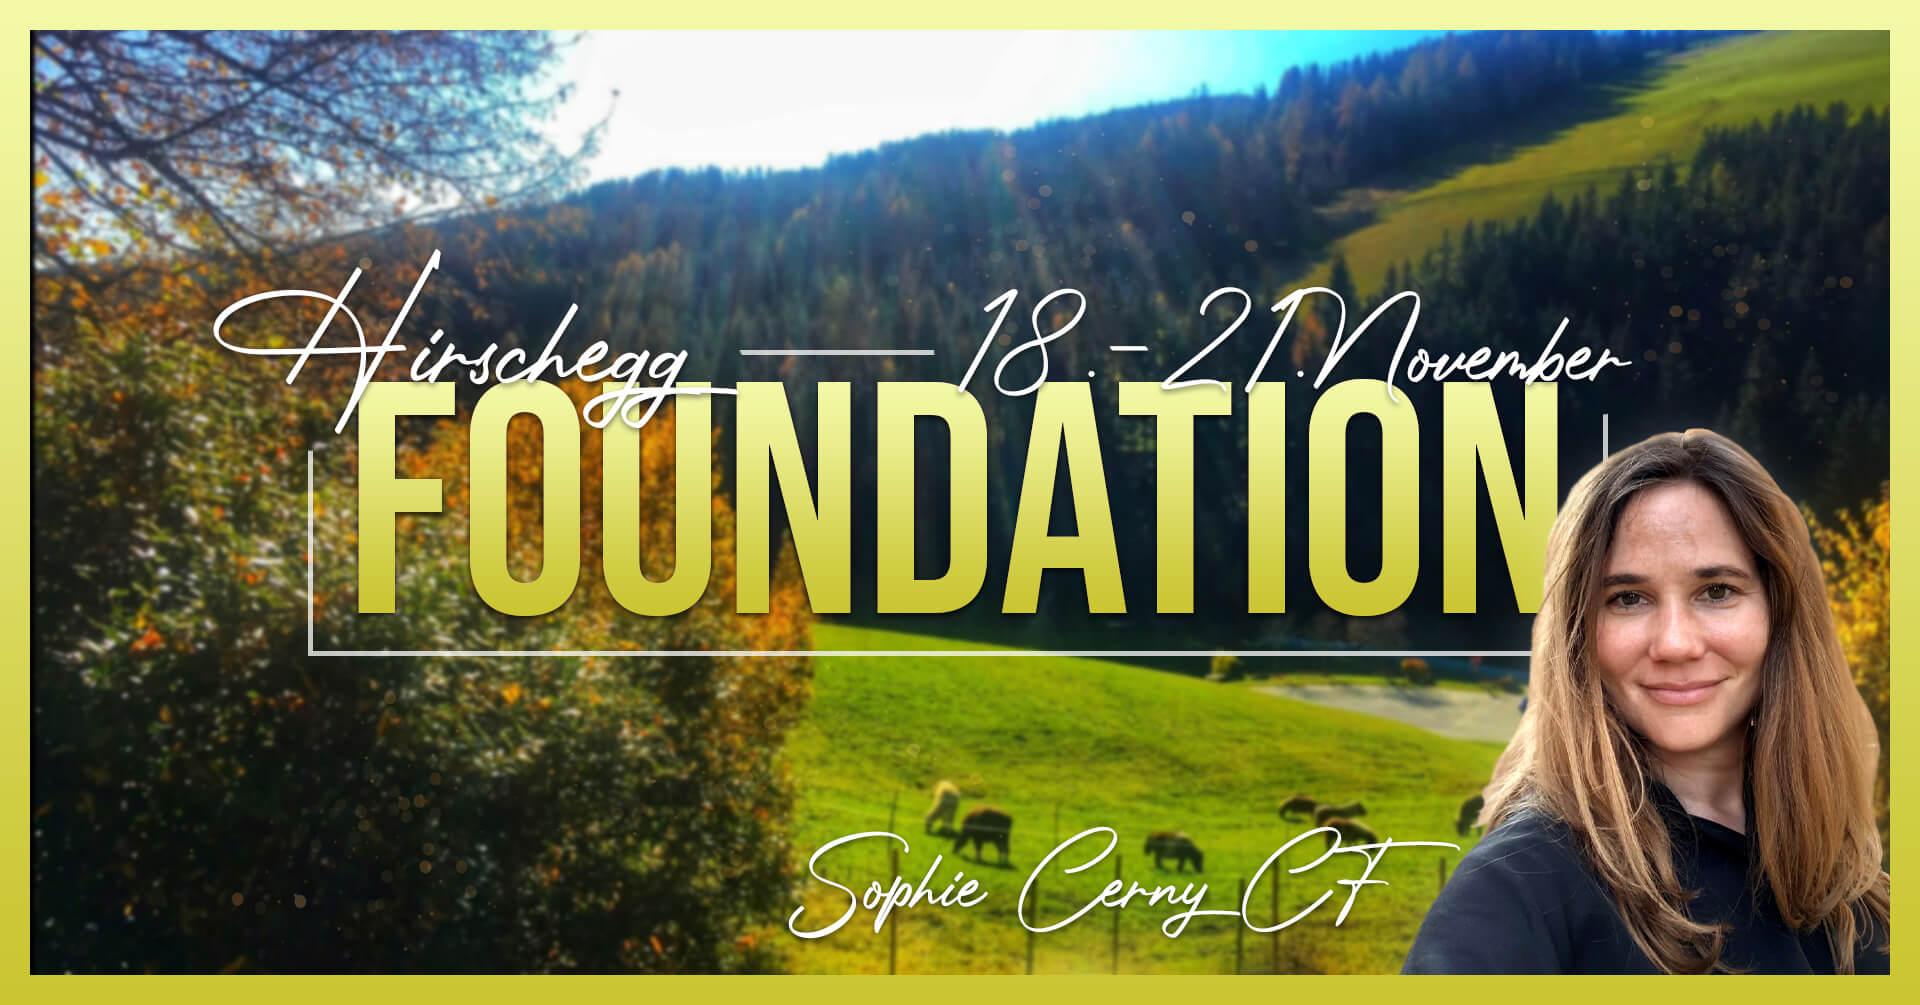 202111_Foundation_Hirschegg